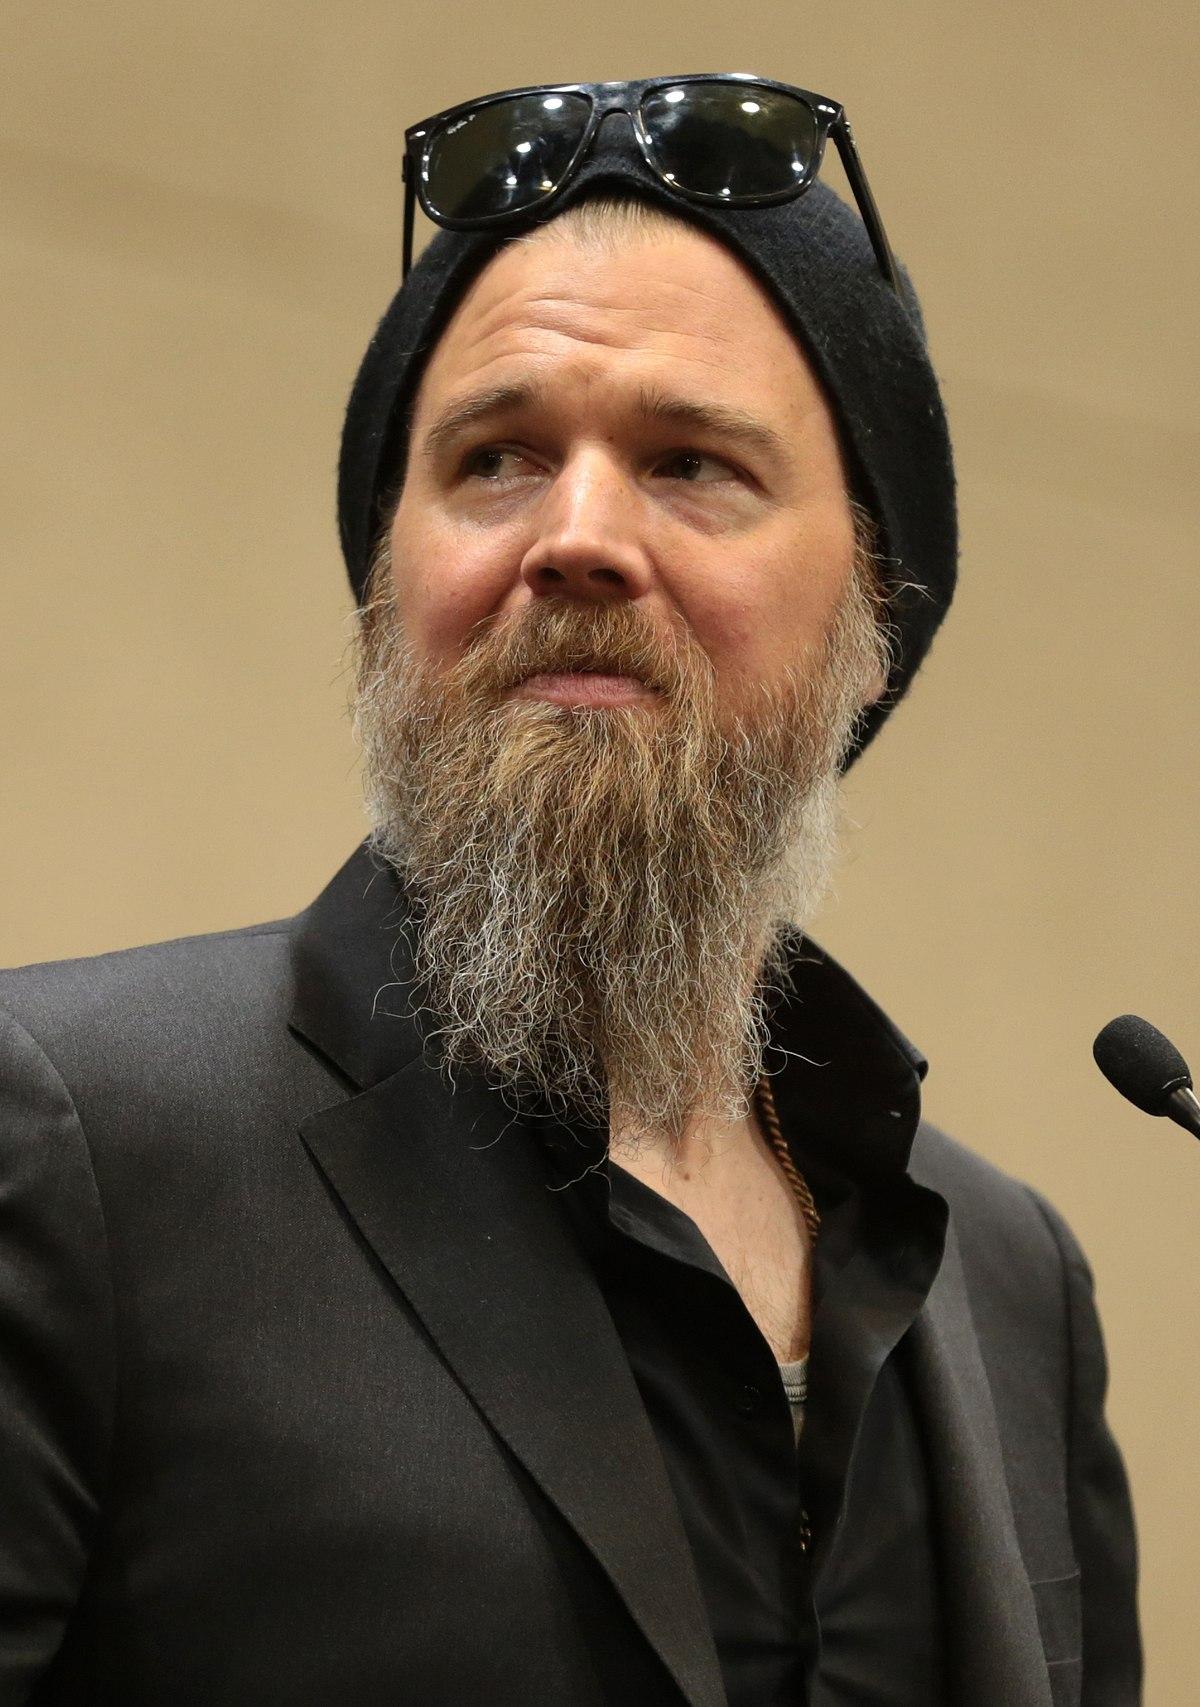 Ryan Hurst - Wikipedia